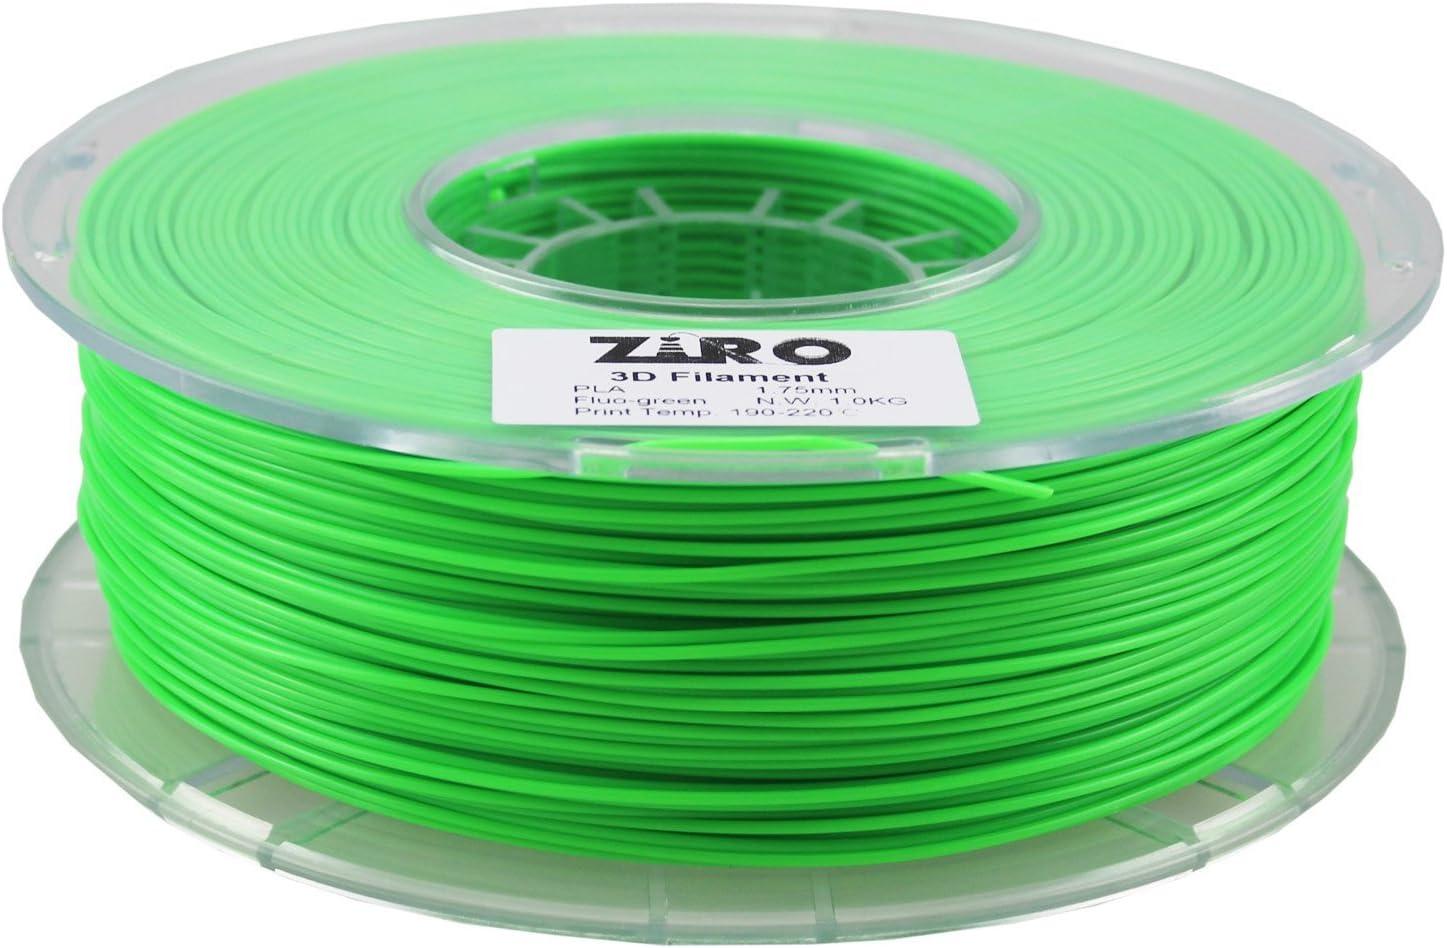 Filamento para impresora 3D Ziro, PLA, 1,75 kg, precisión ...